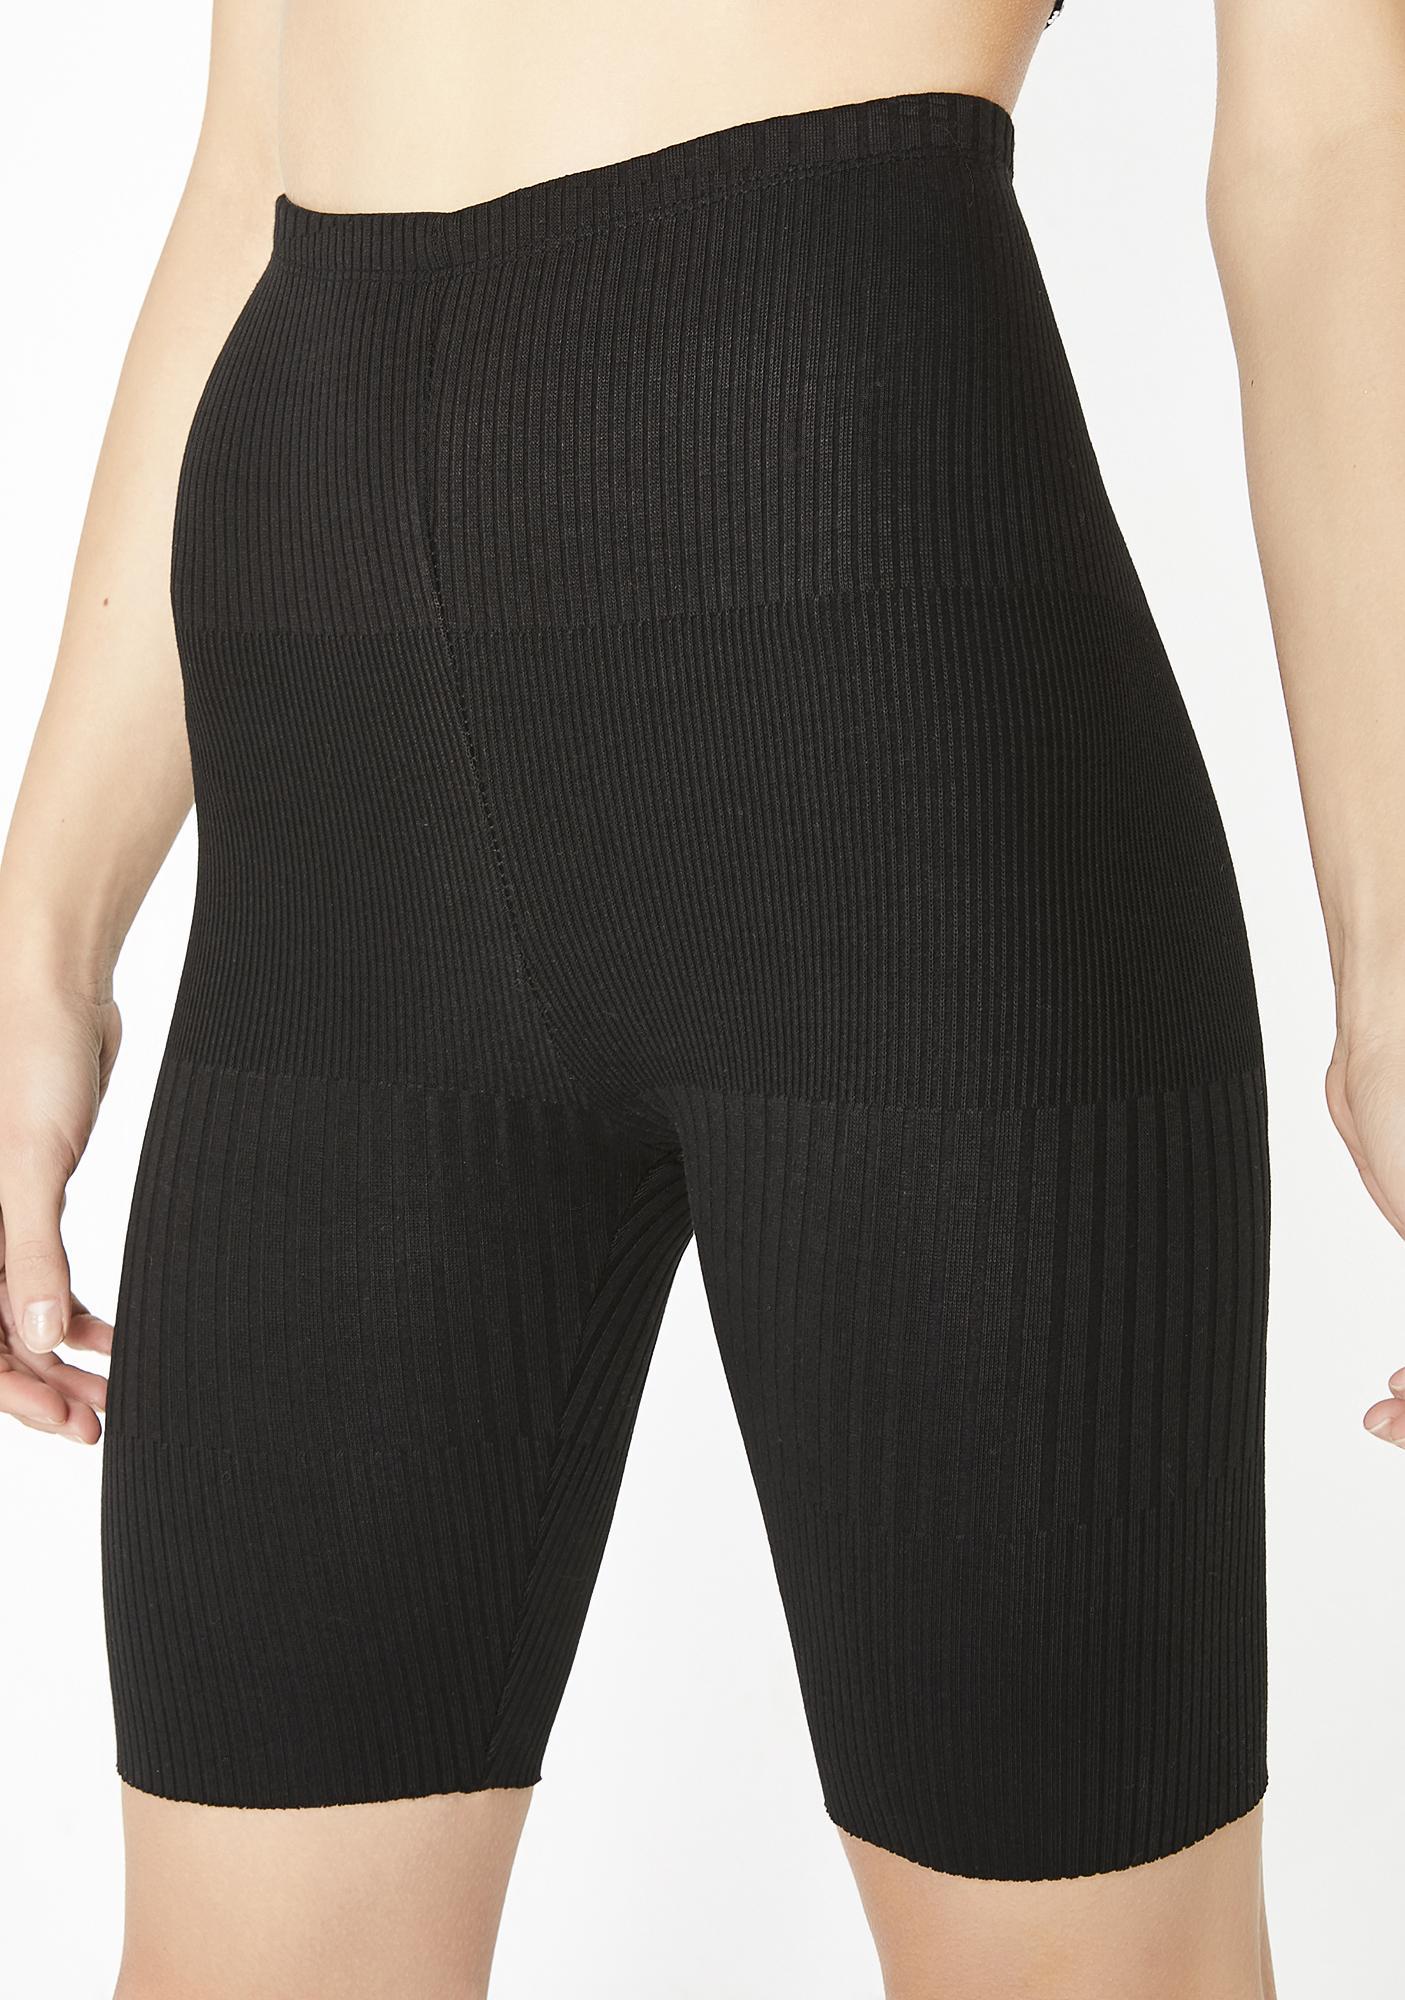 Kiki Riki The Steeze Biker Shorts